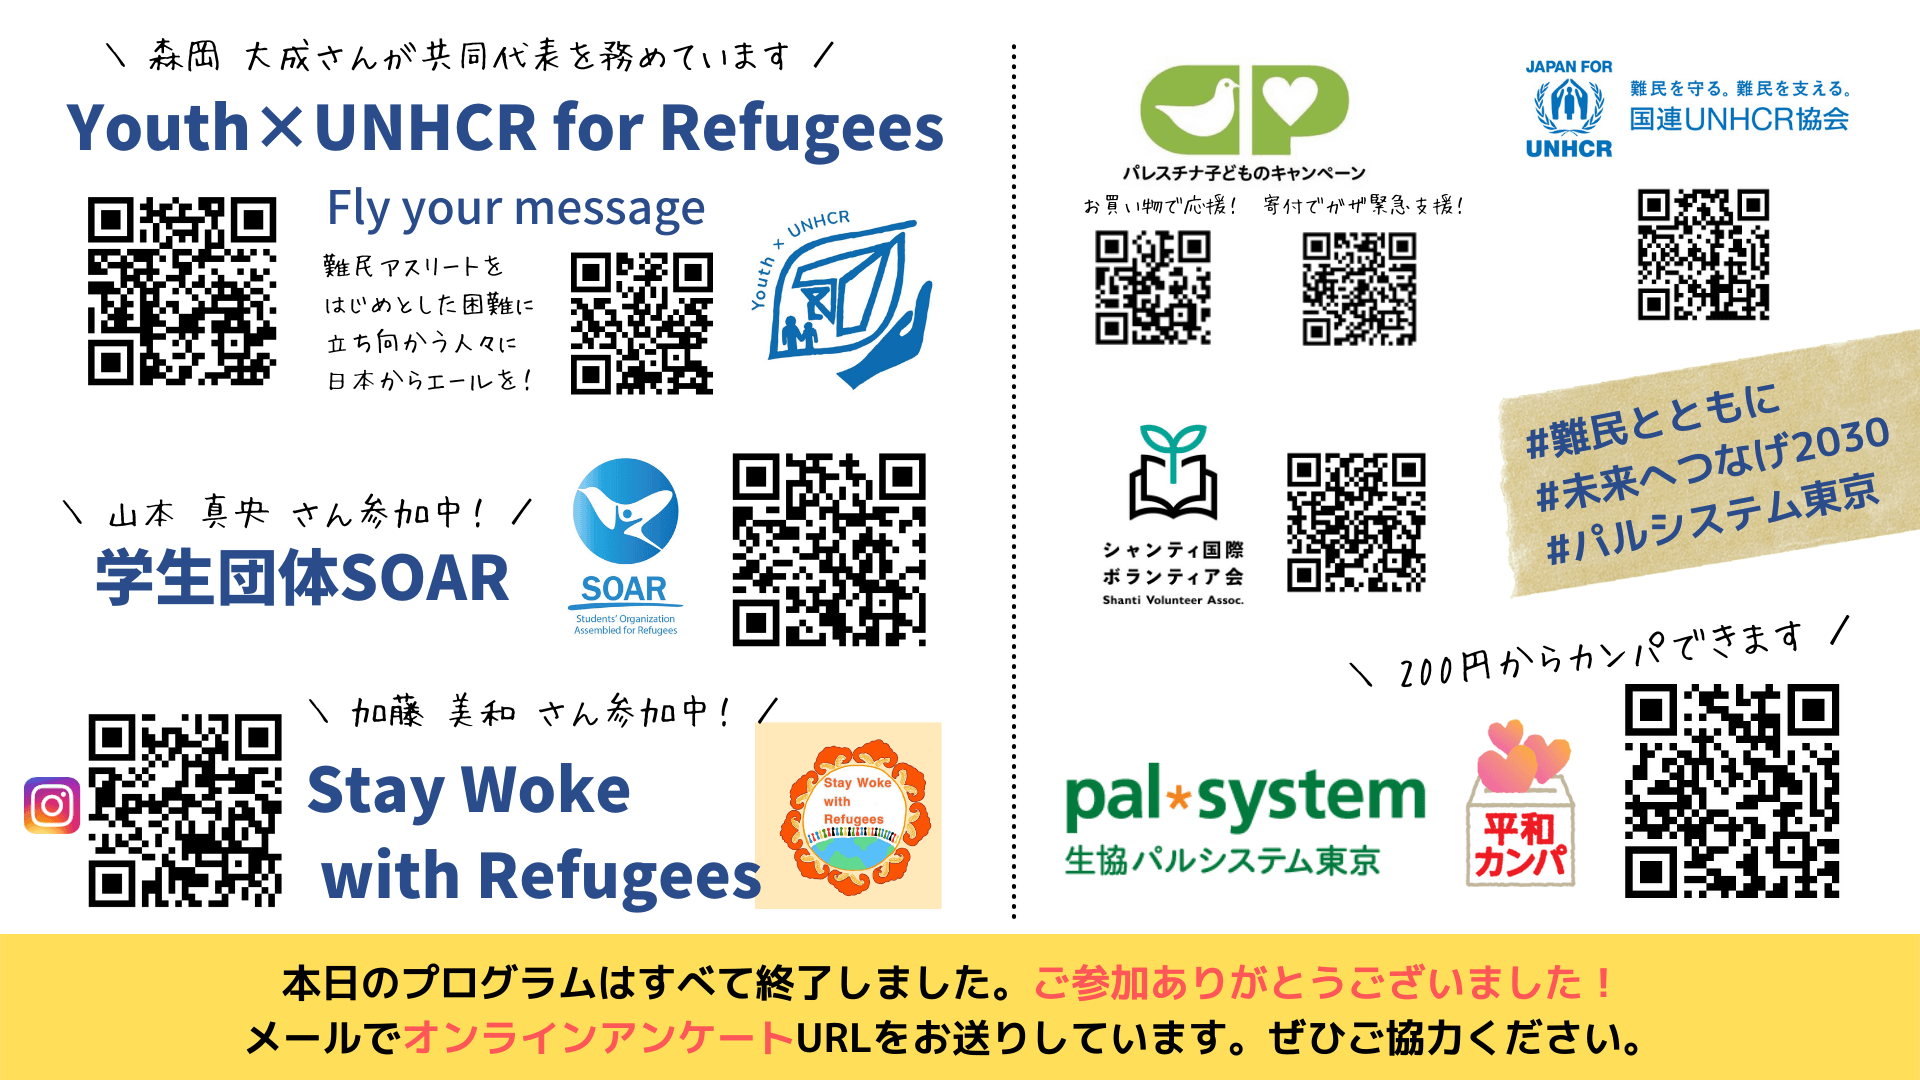 ※パルシステム東京の2021年度平和カンパの受付は終了しました。たくさんのご参加ありがとうございました。